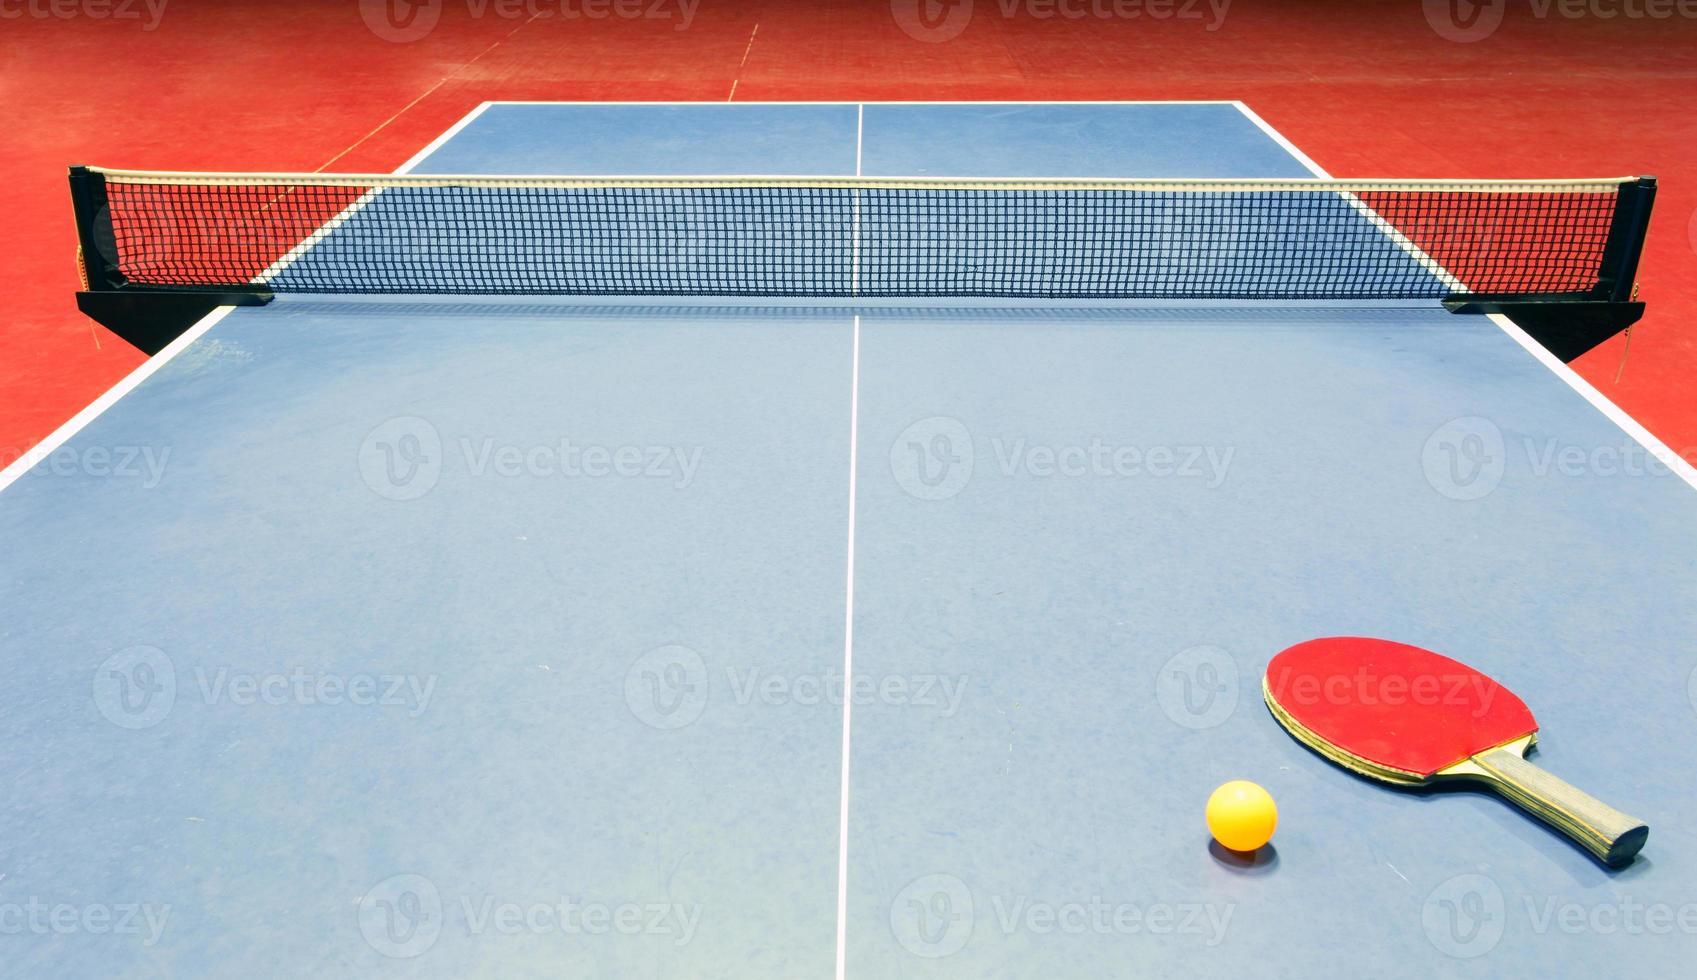 equipamento de tênis de mesa - raquete, bola e rede foto